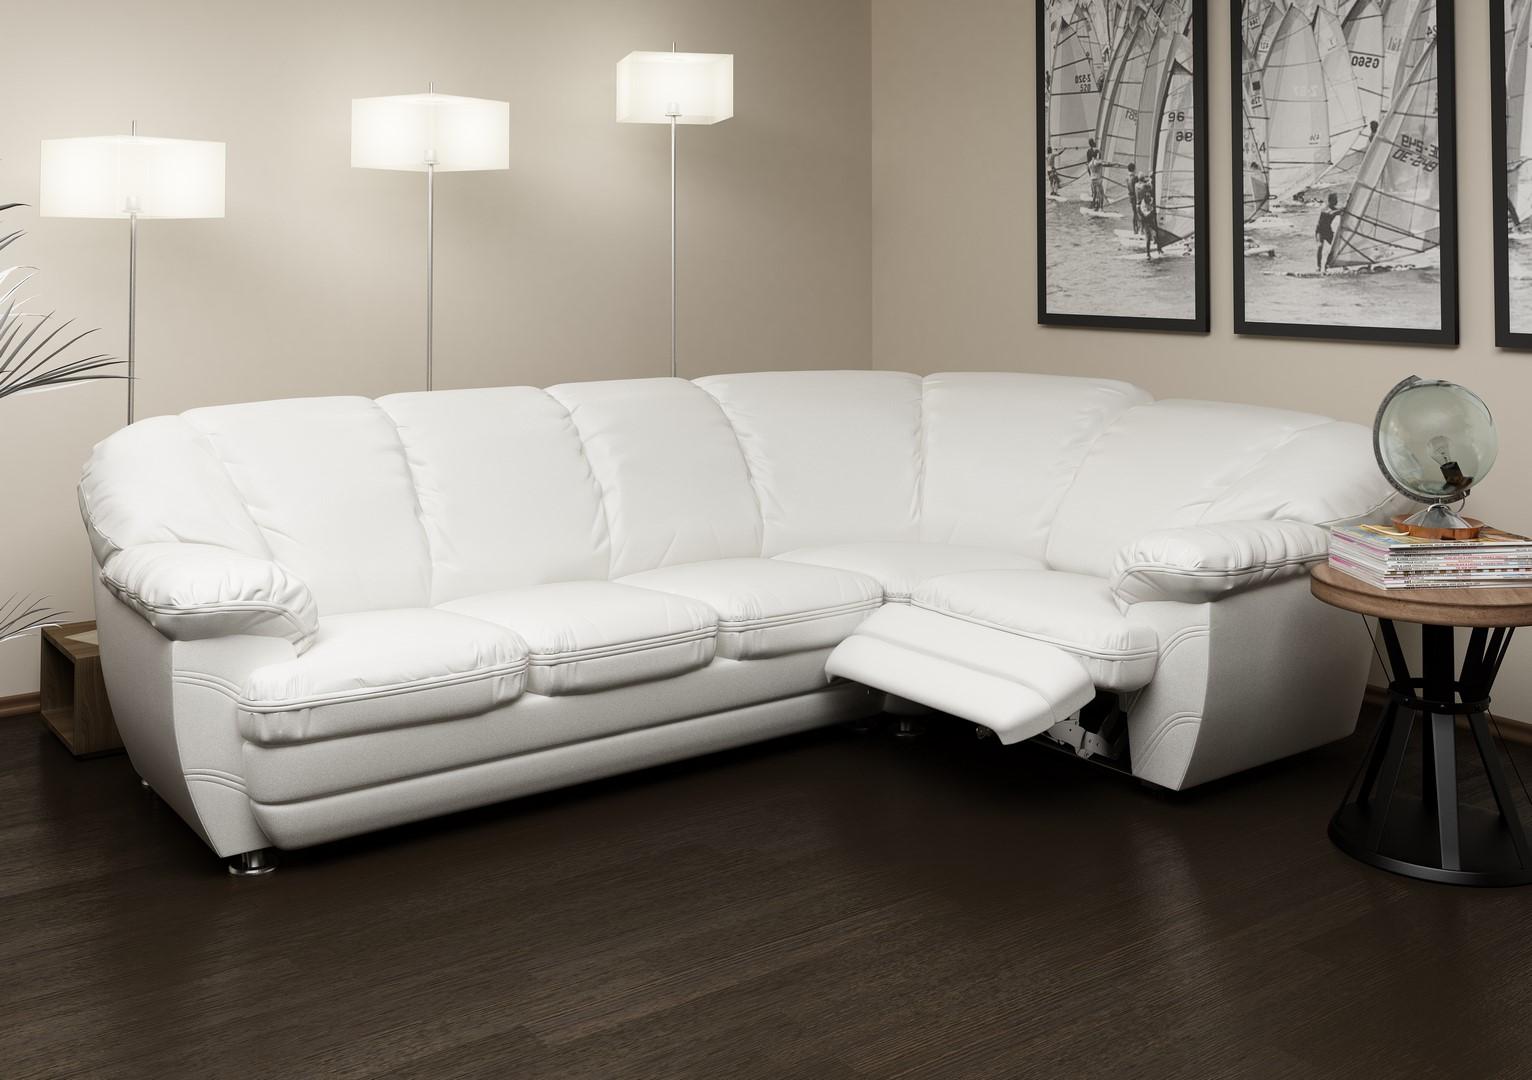 Сбор заказов. Модульные системы. Диваны для сна и отдыха. Интерьерные кровати и кресла.